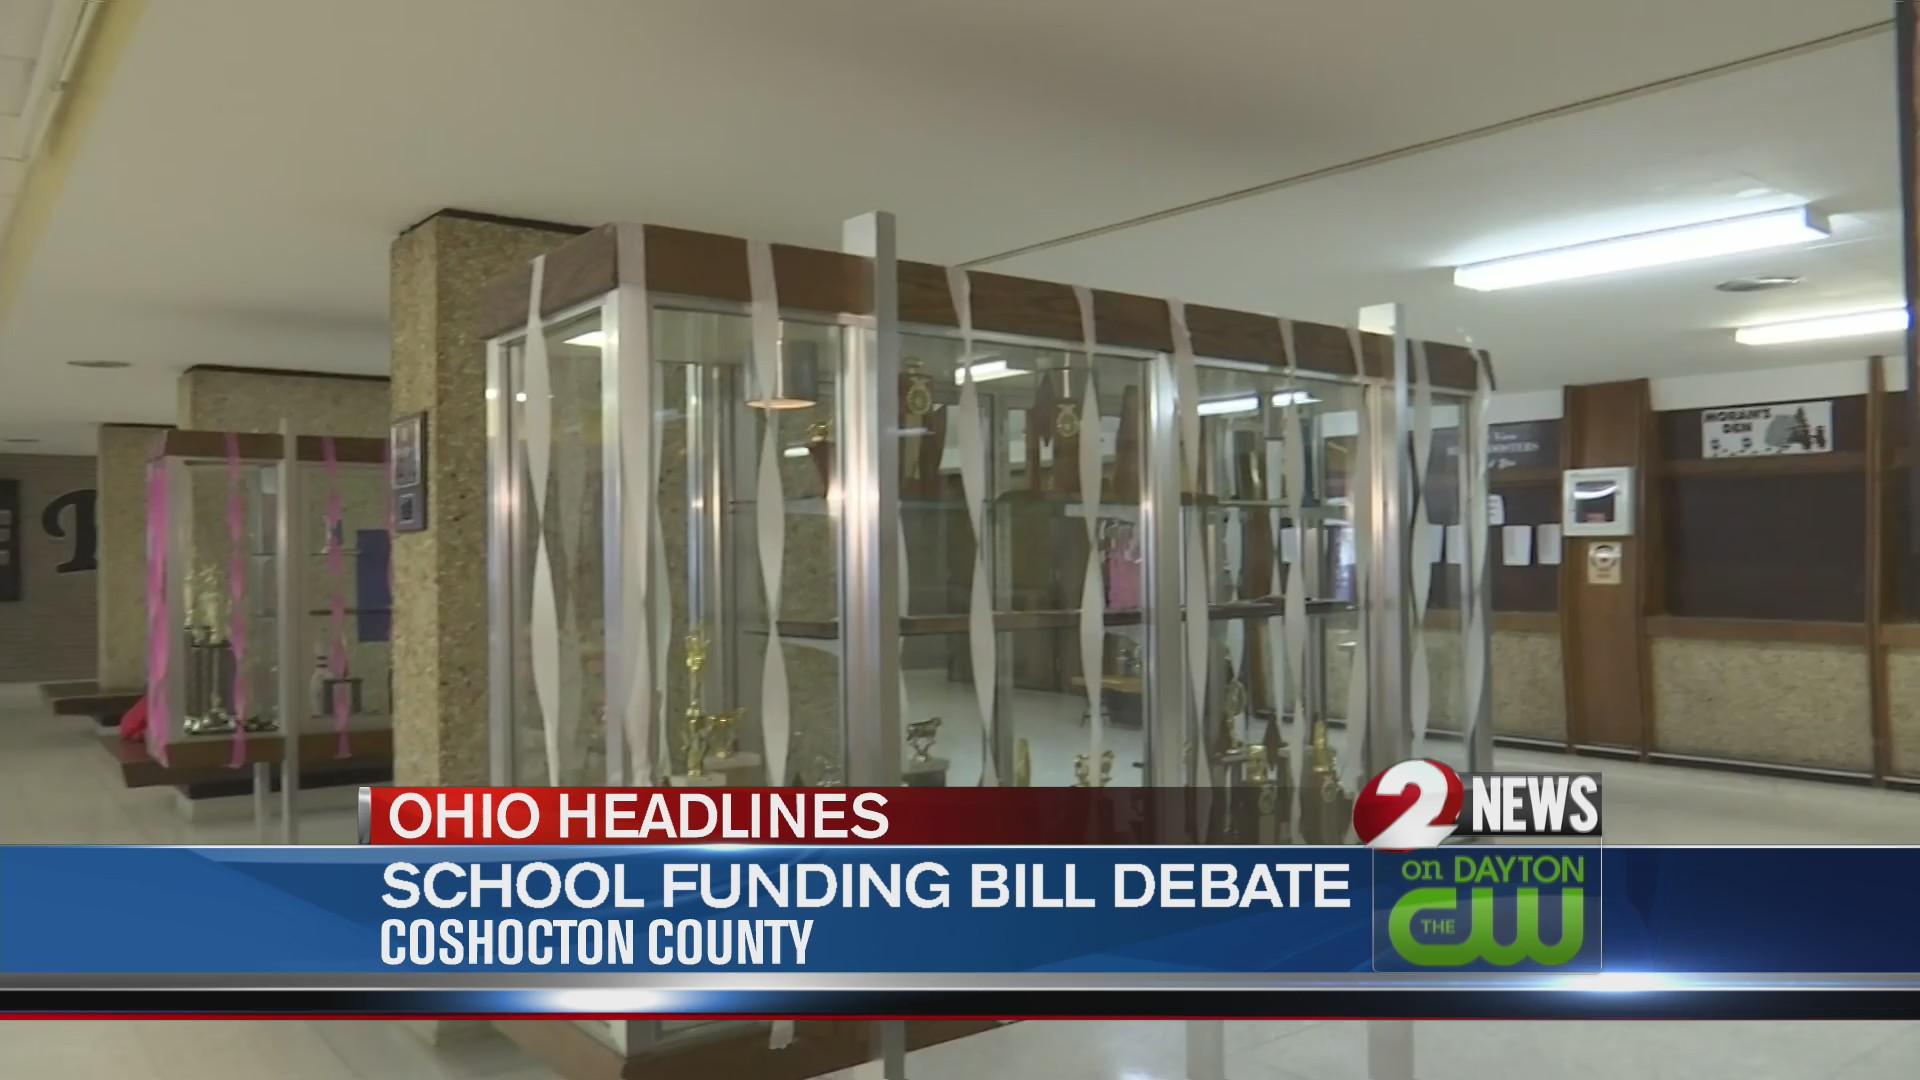 School funding bill debate